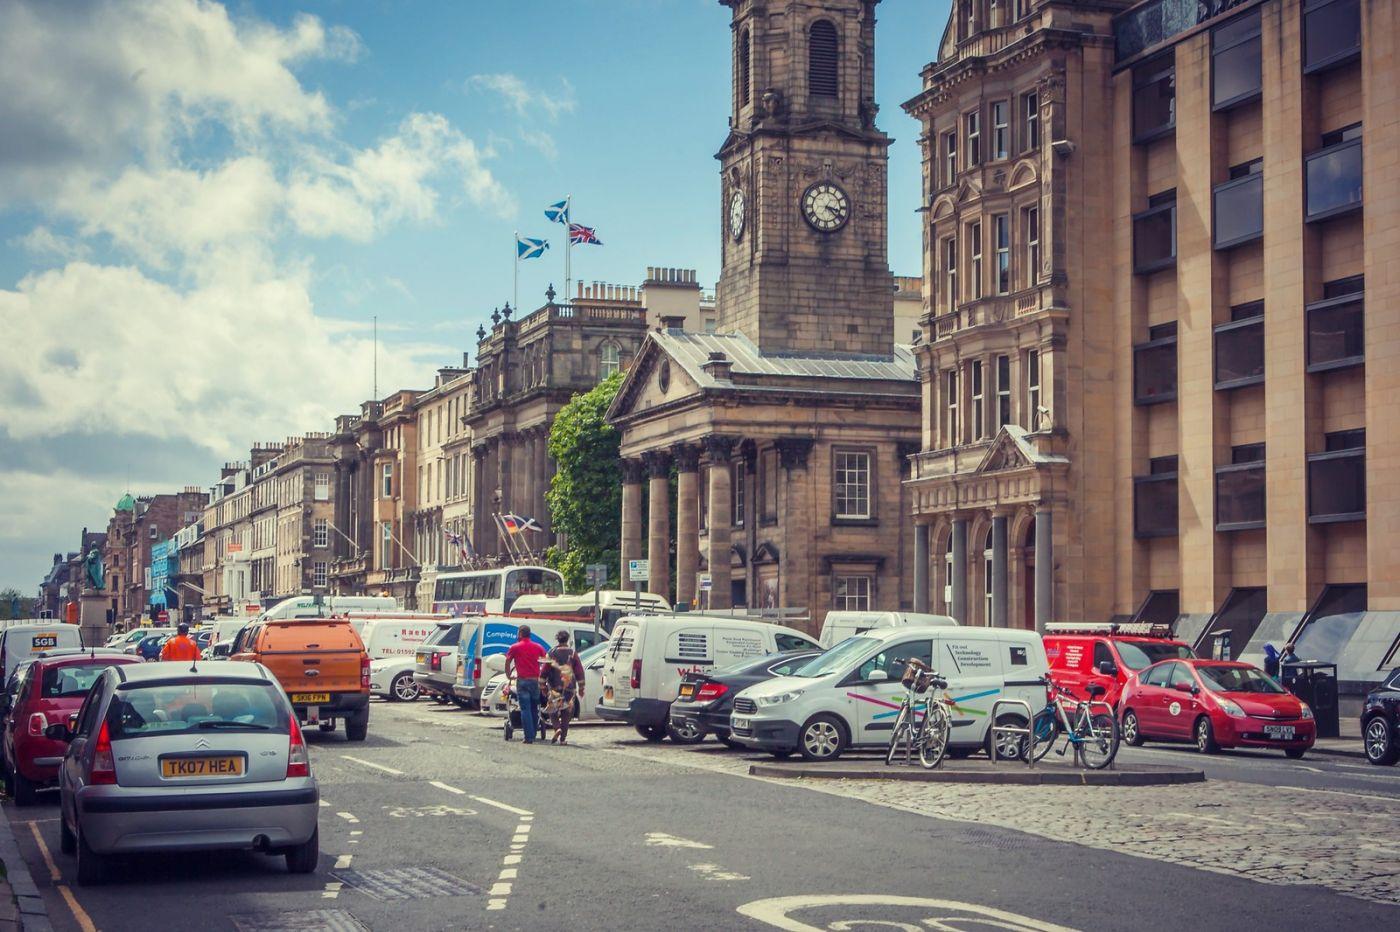 苏格兰爱丁堡,老城市老文化_图1-22